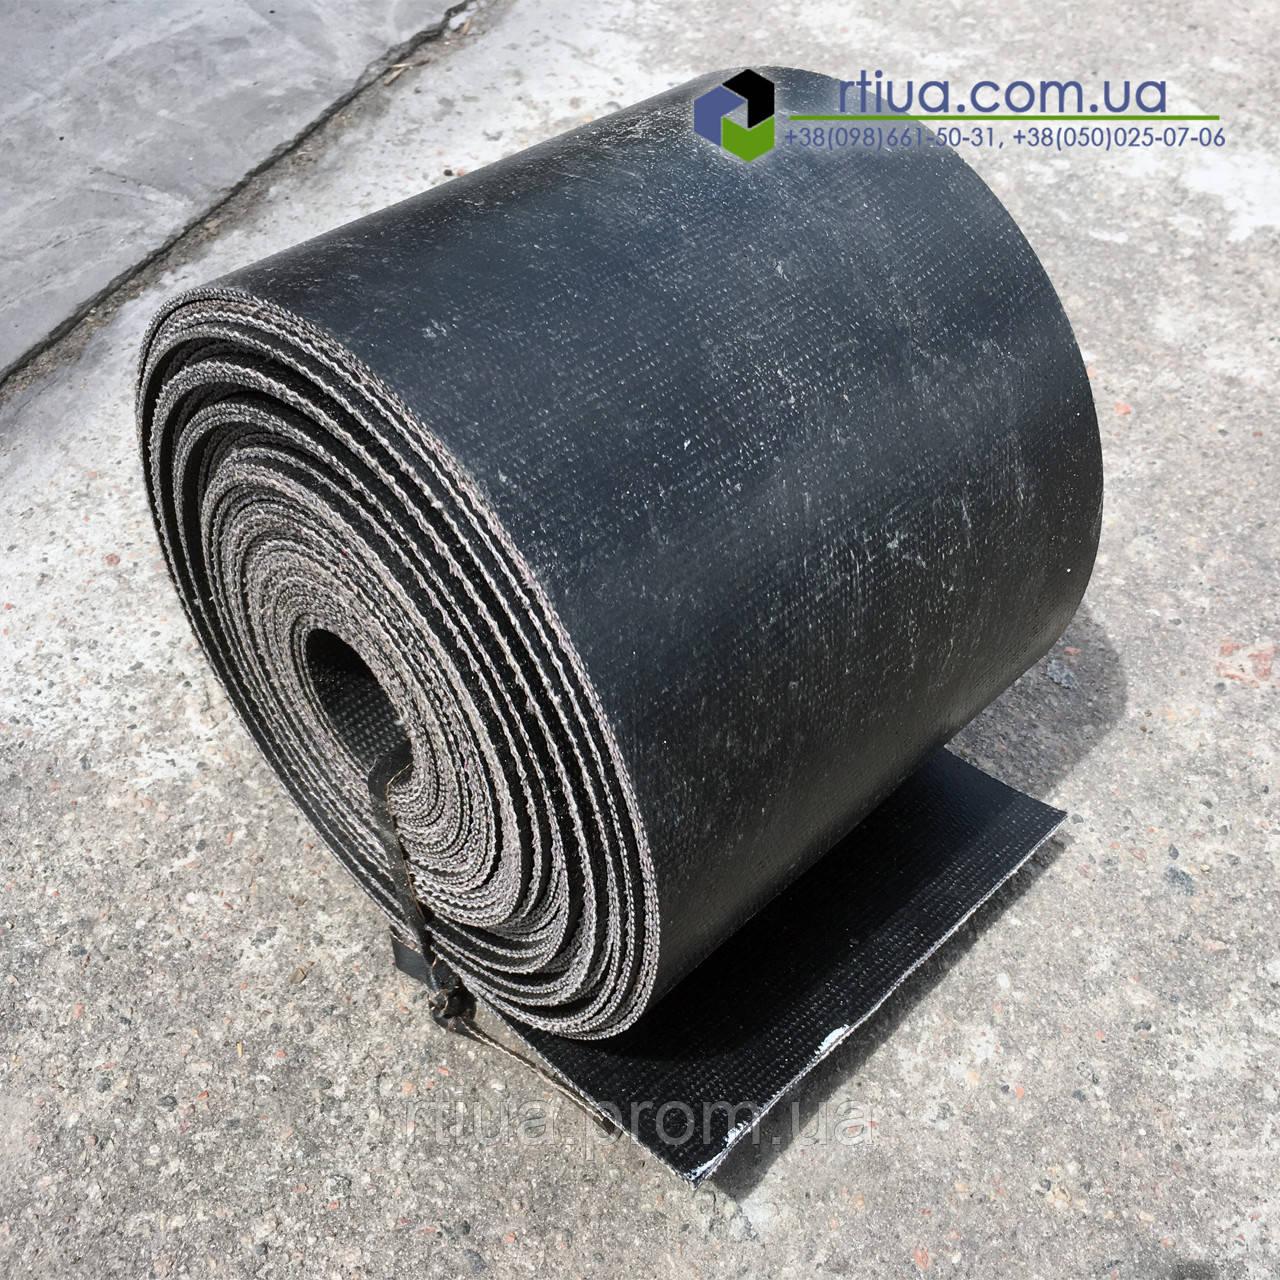 Транспортерная лента БКНЛ, 400х3 мм